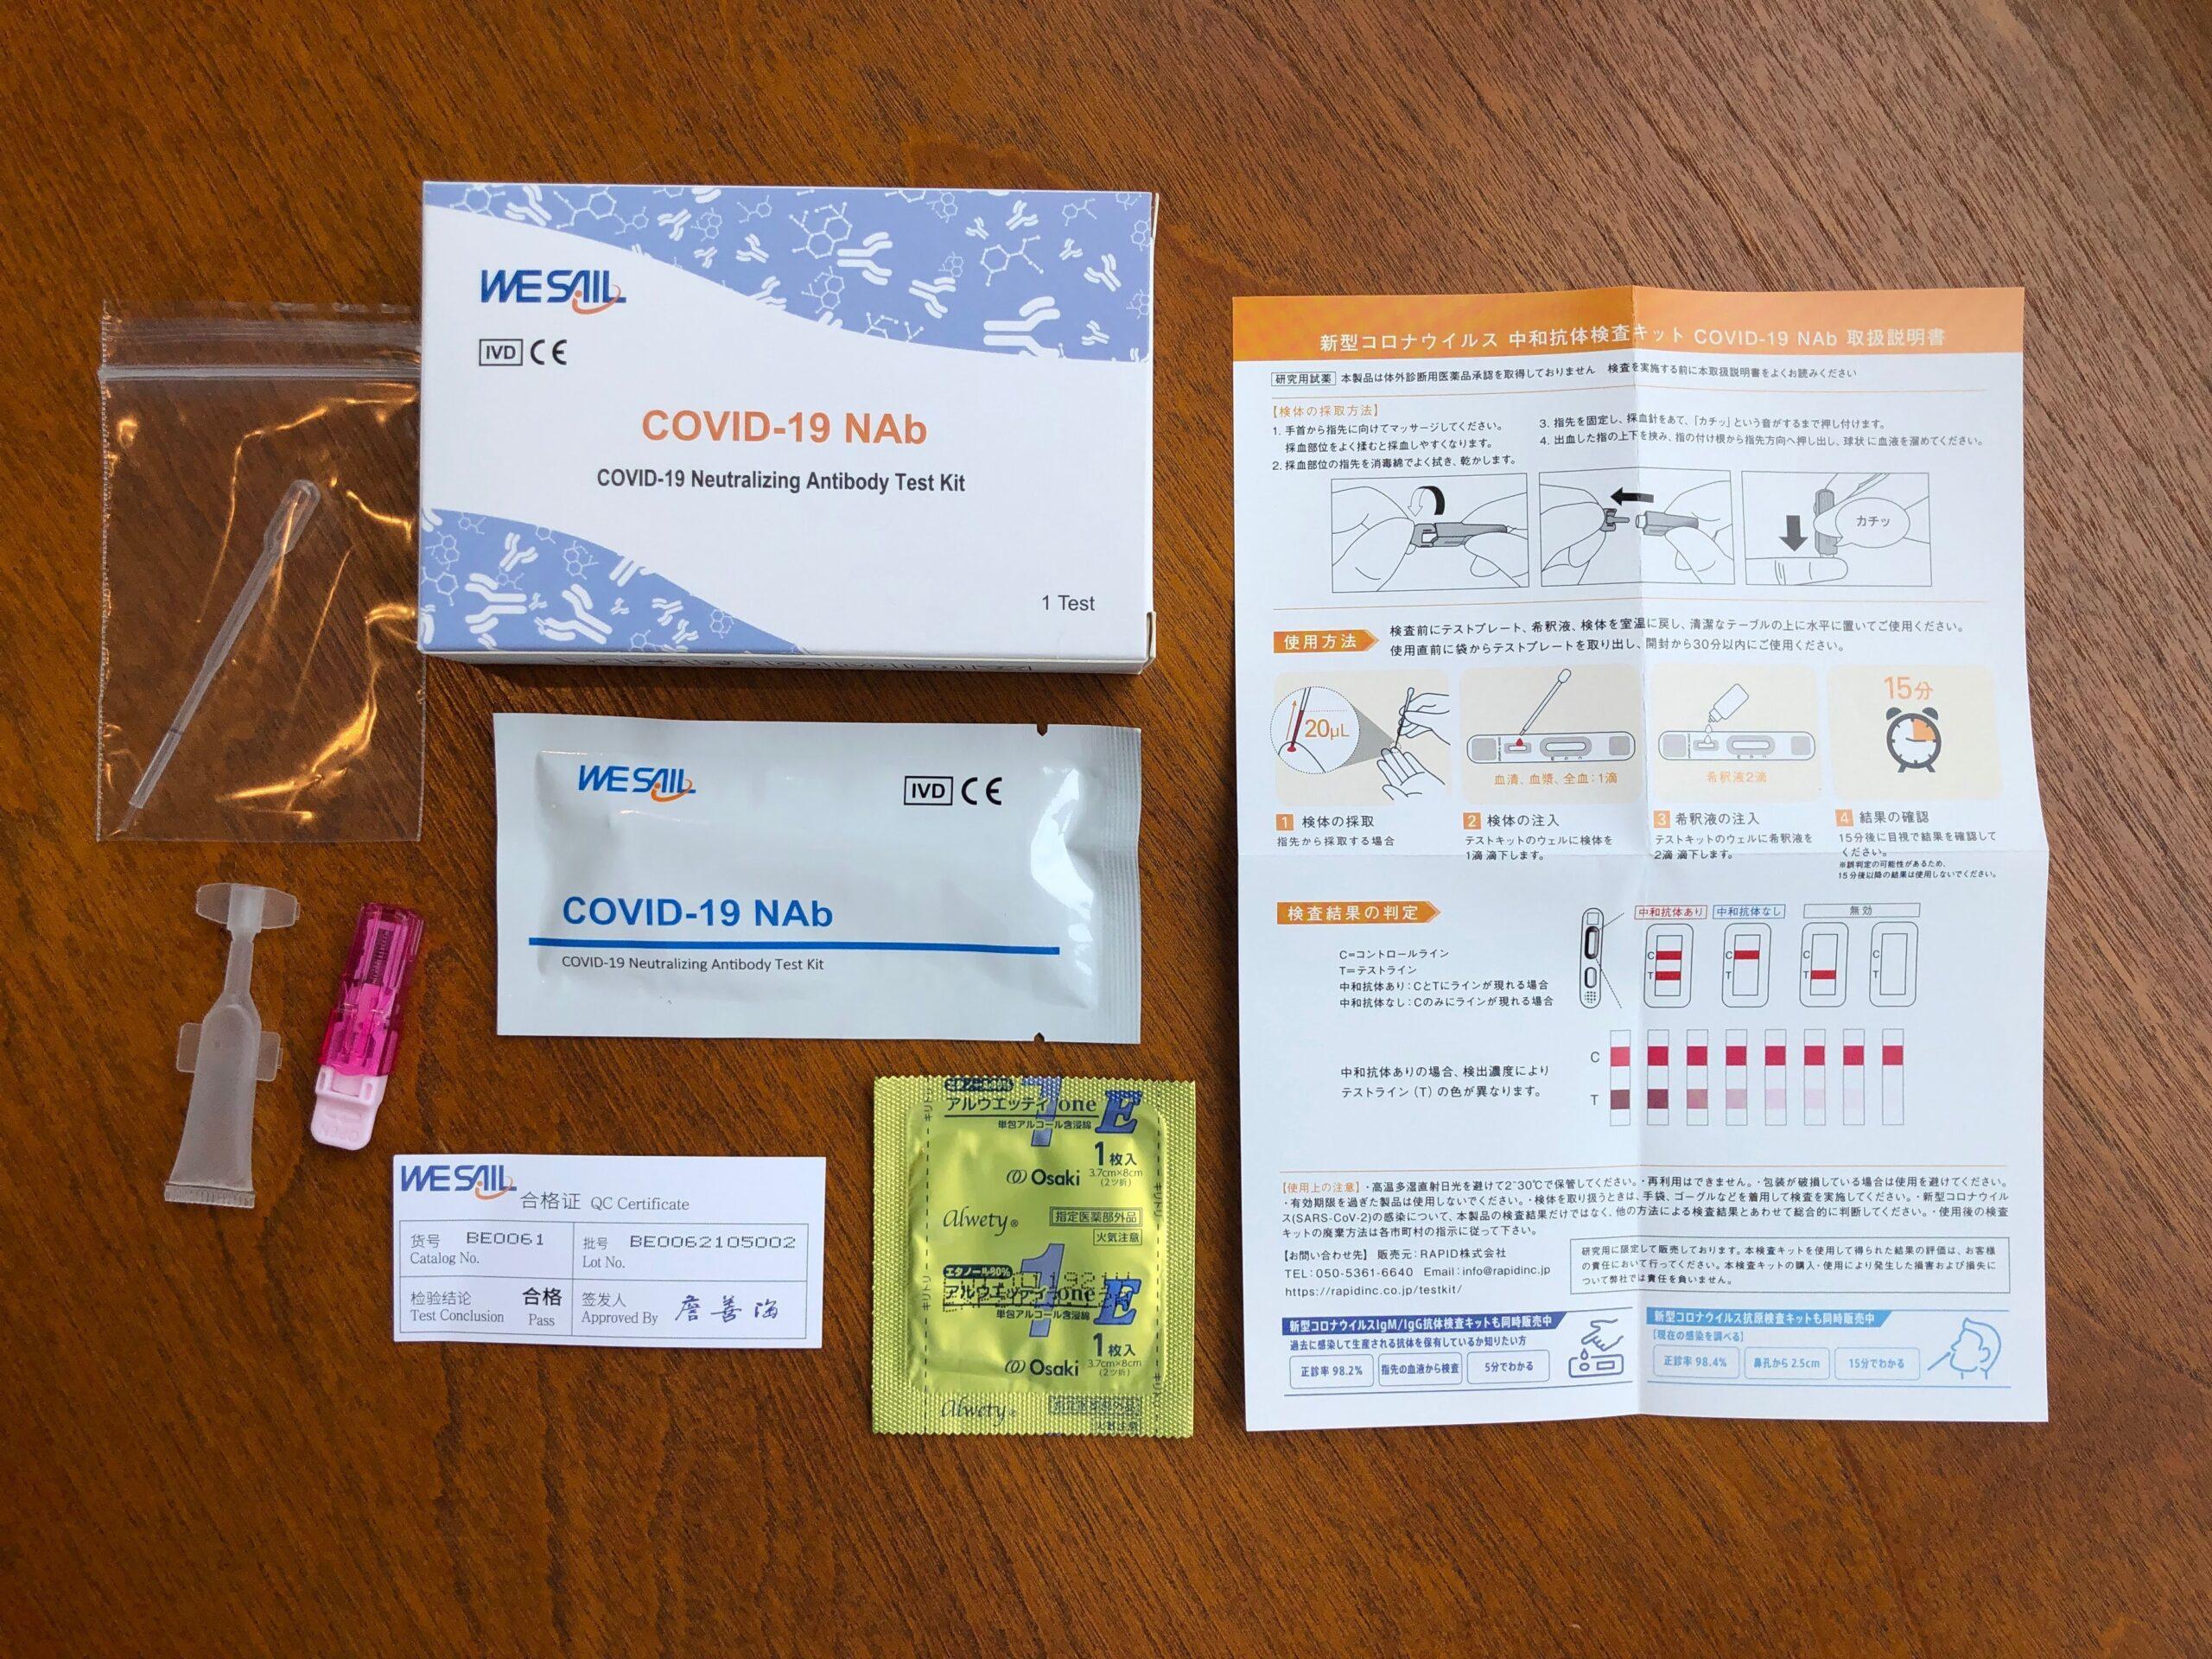 中和抗体検査キット内容